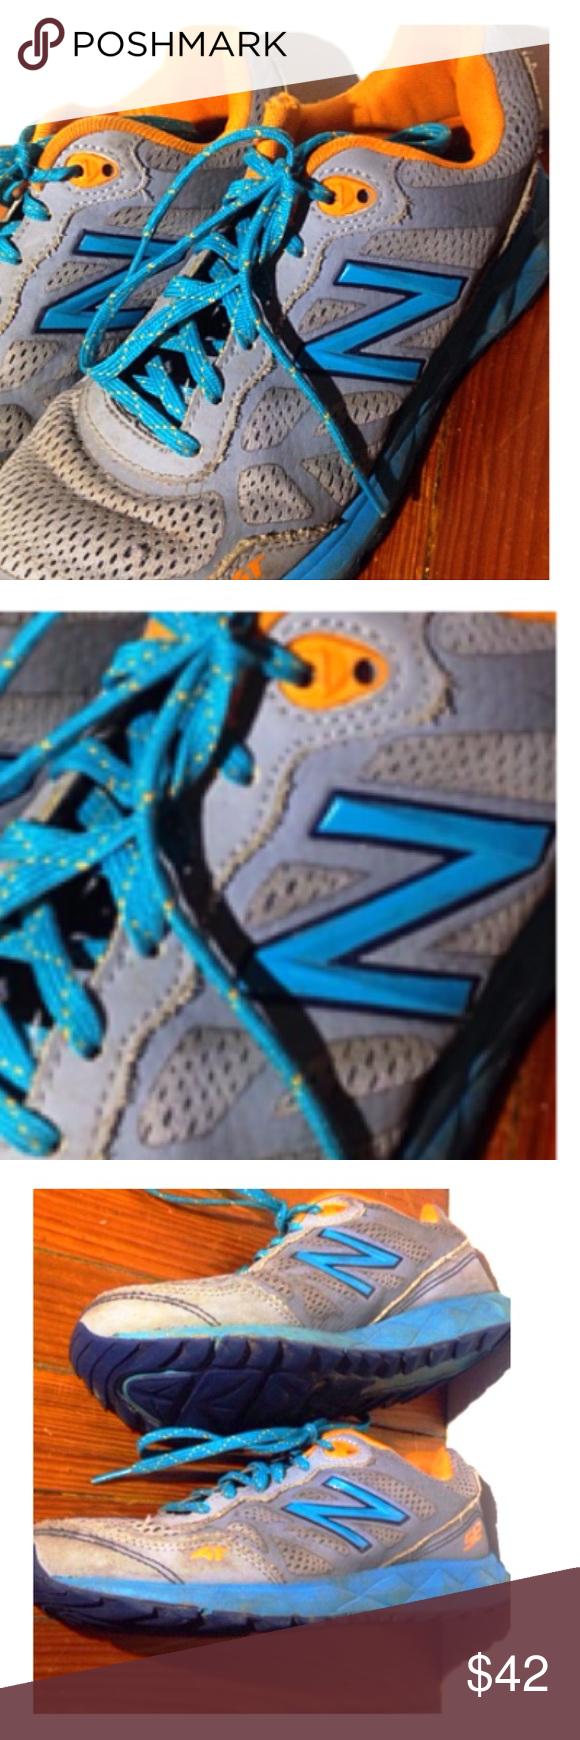 Running sneakers women